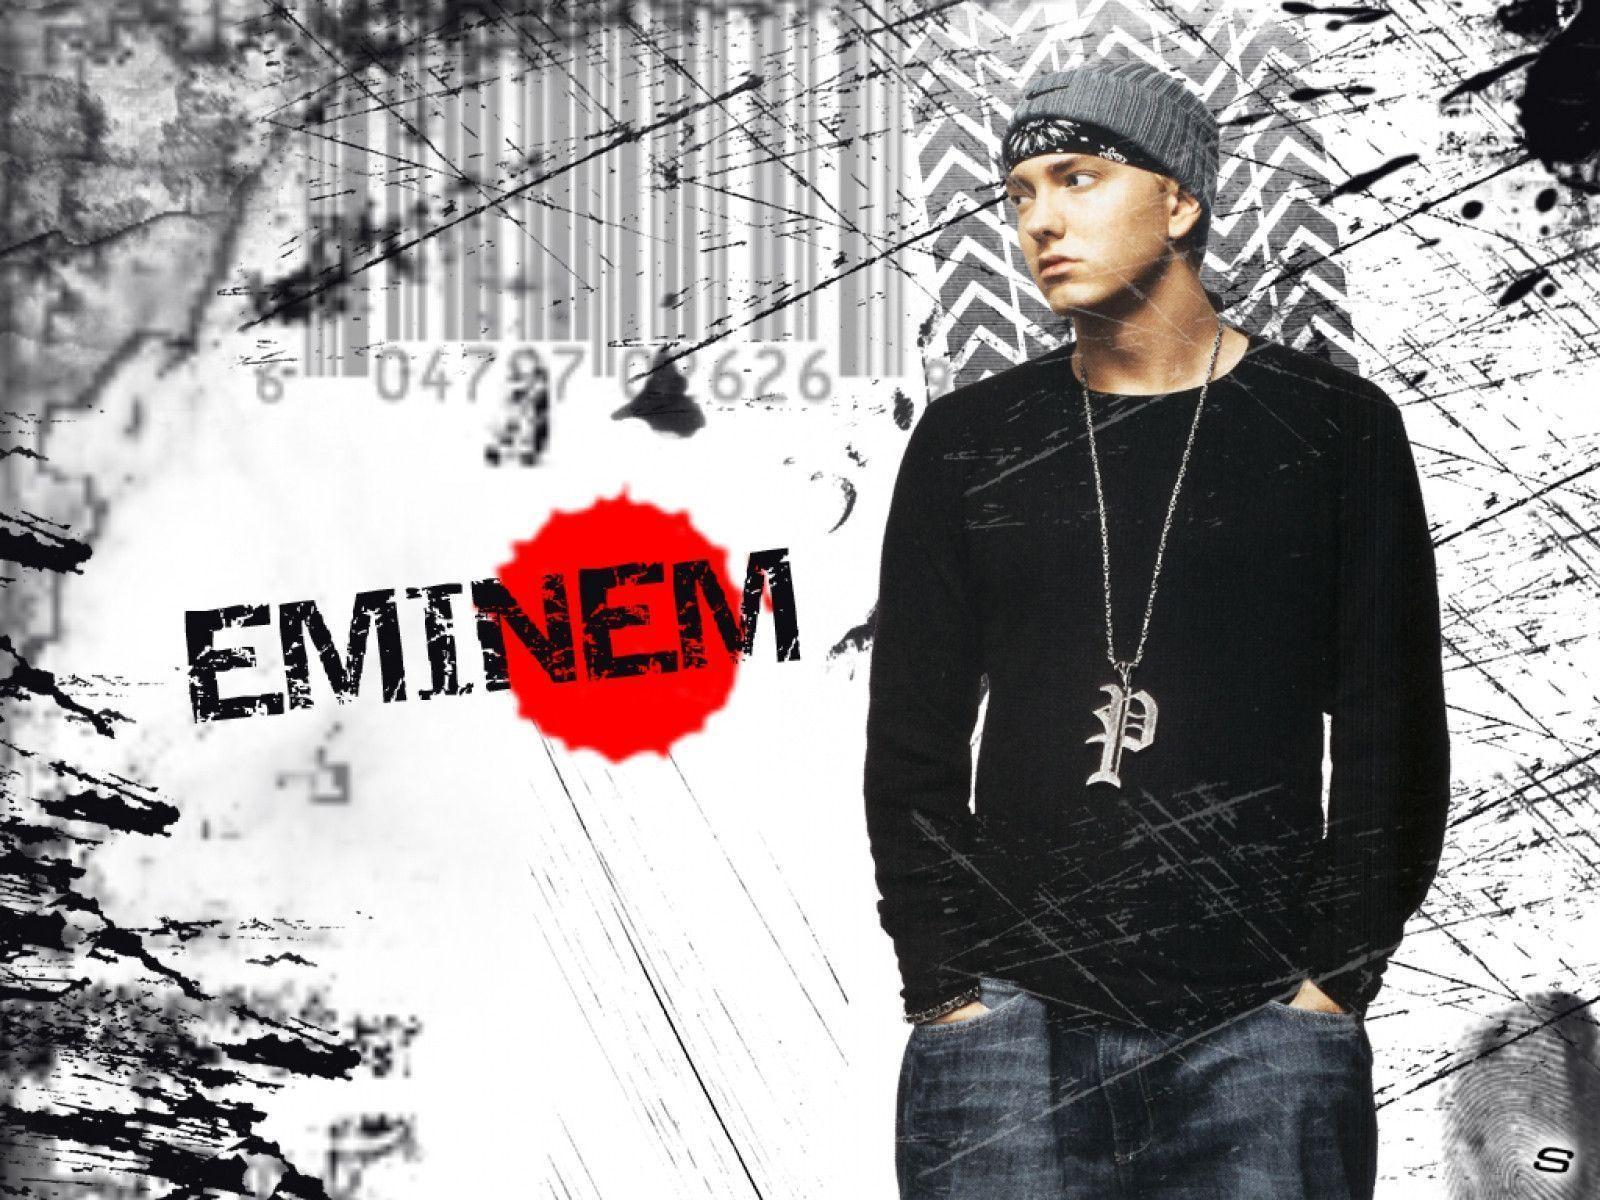 rap logo wallpapers - photo #34